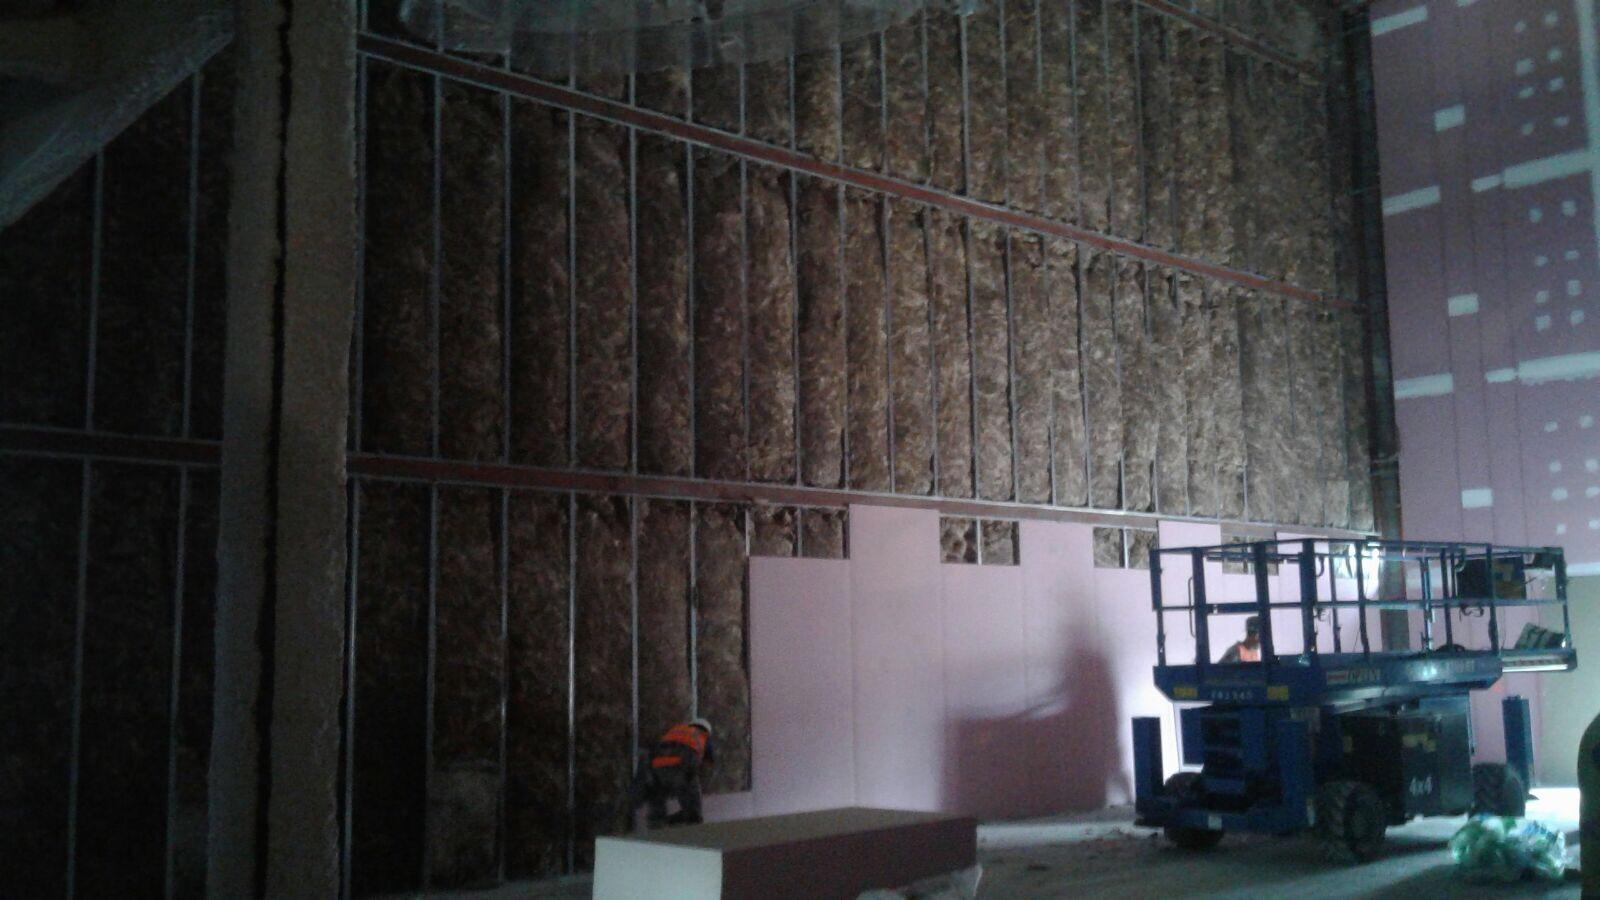 Opincan - Salas de cine Yelmo en el Centro Comercial Alisios - Obras 10